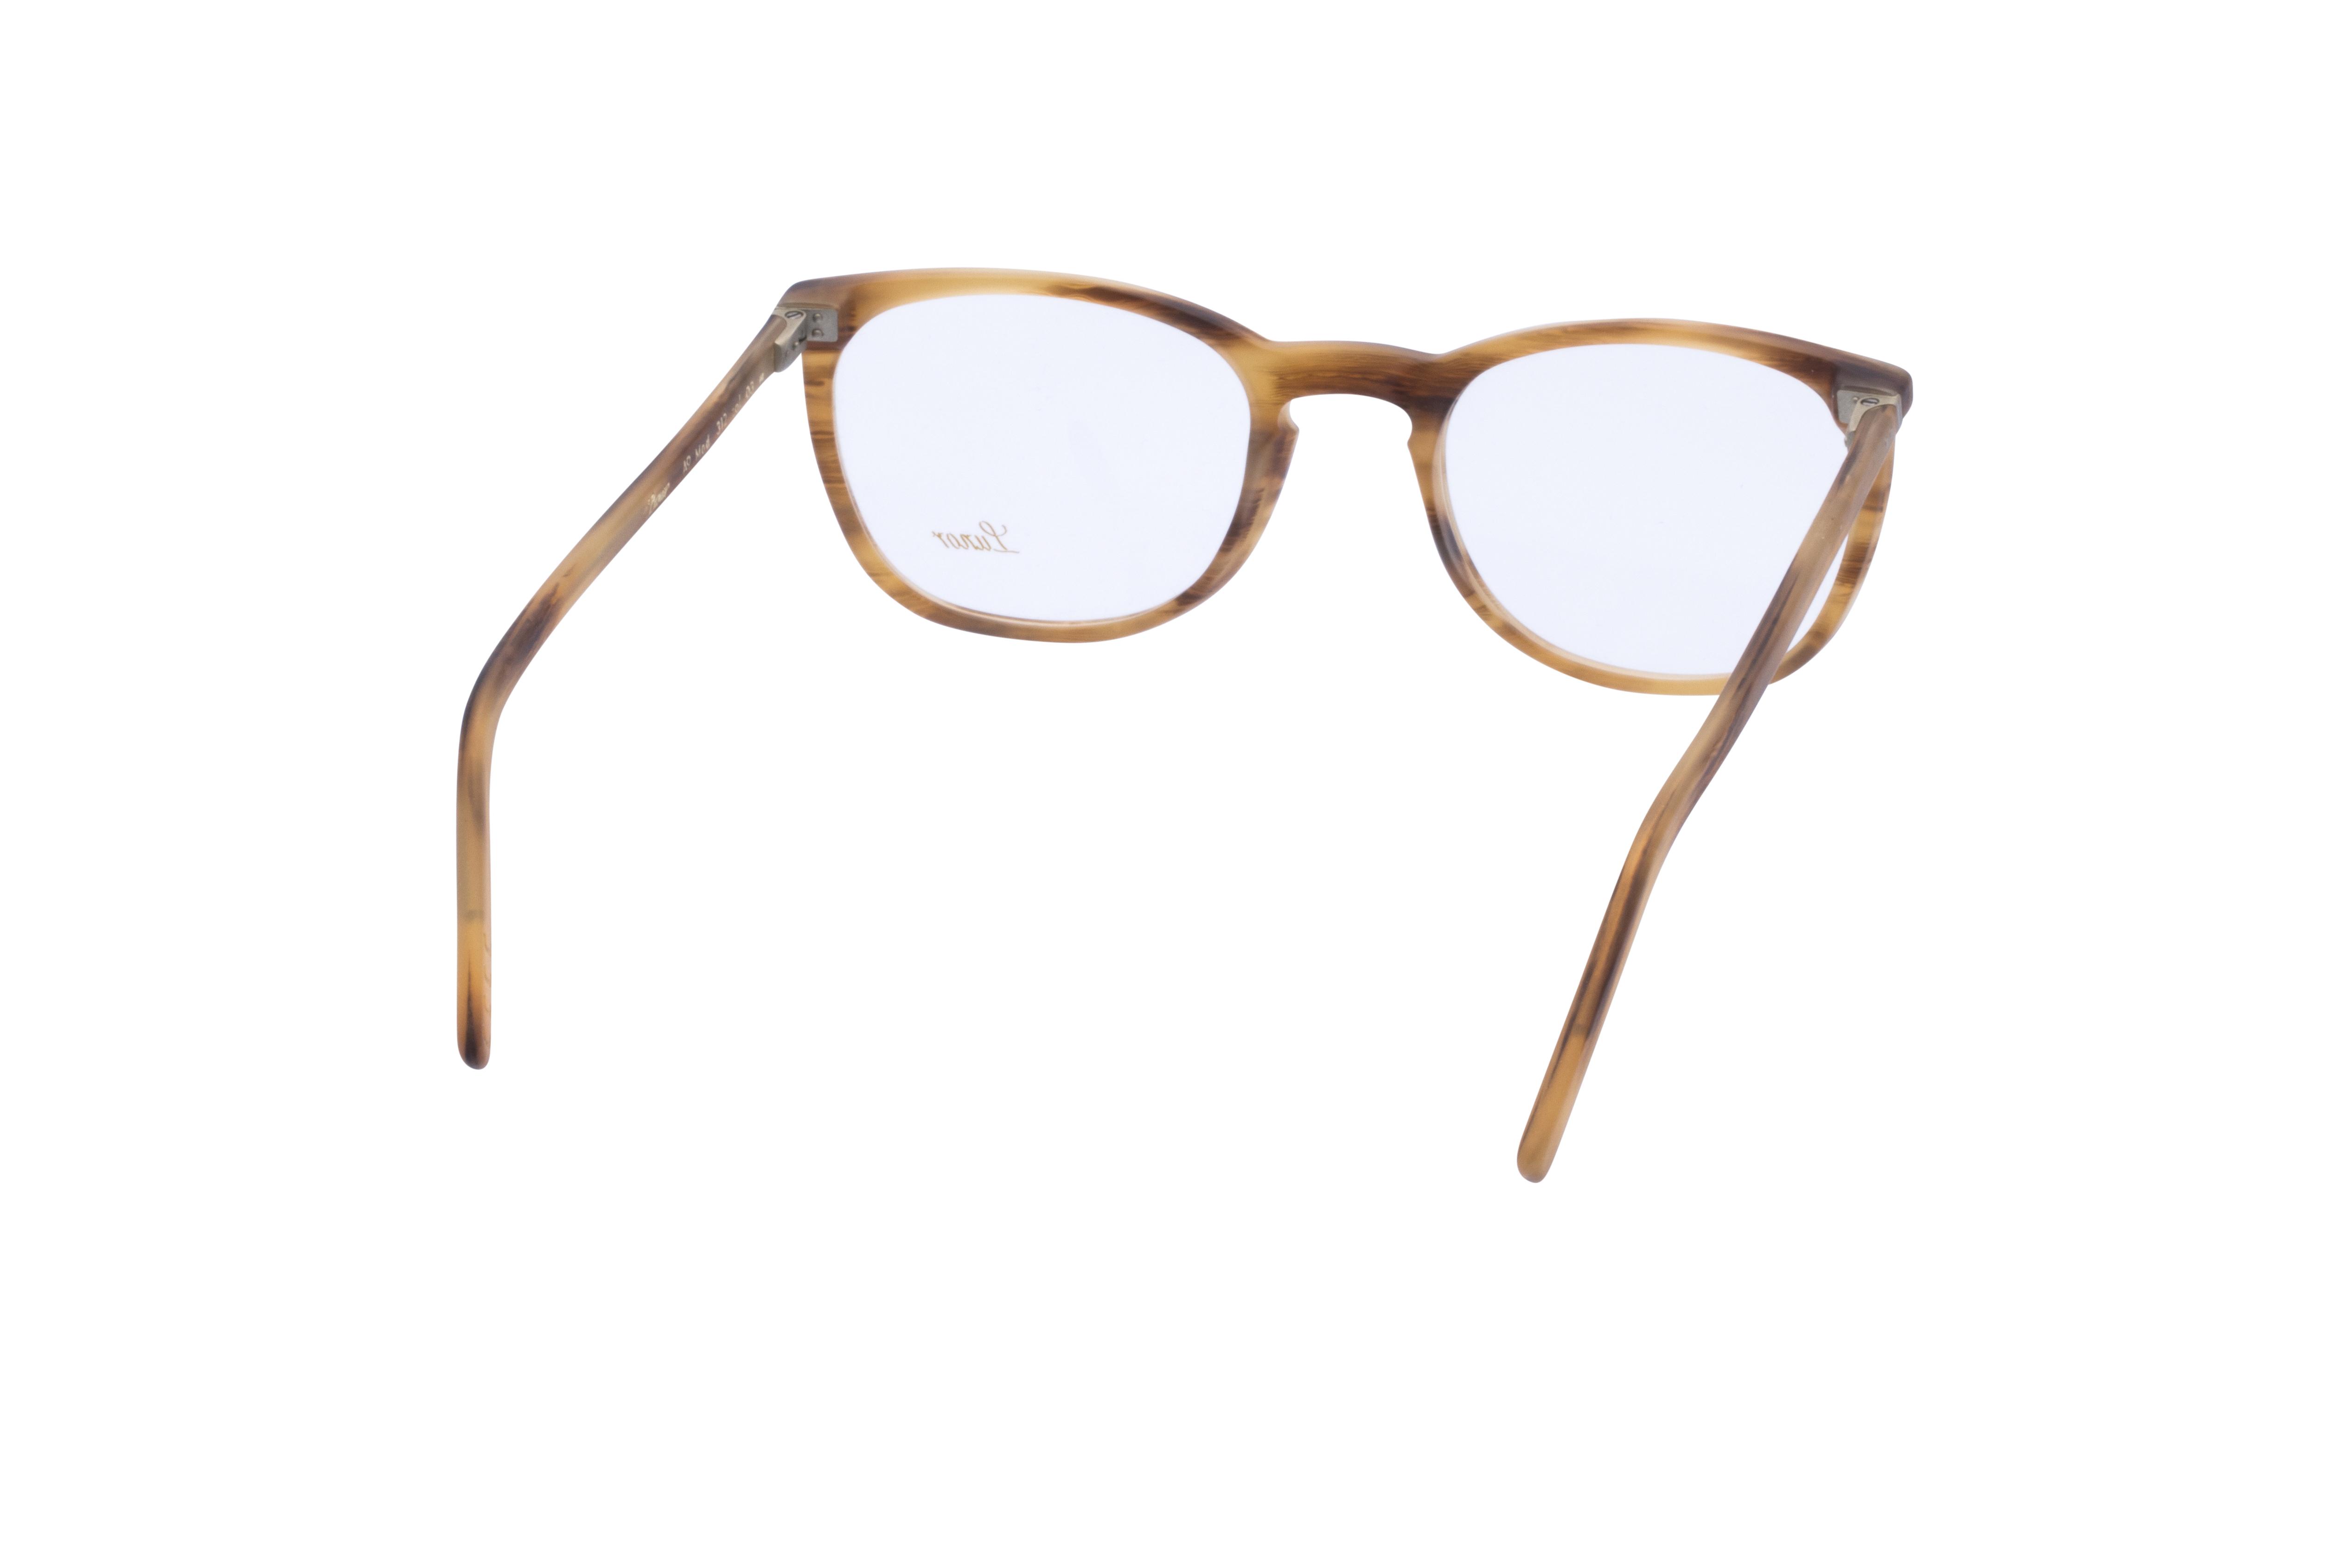 360 Grad Ansicht 11 Lunor 312, Brille auf Weiß - Fassung bei KUNK